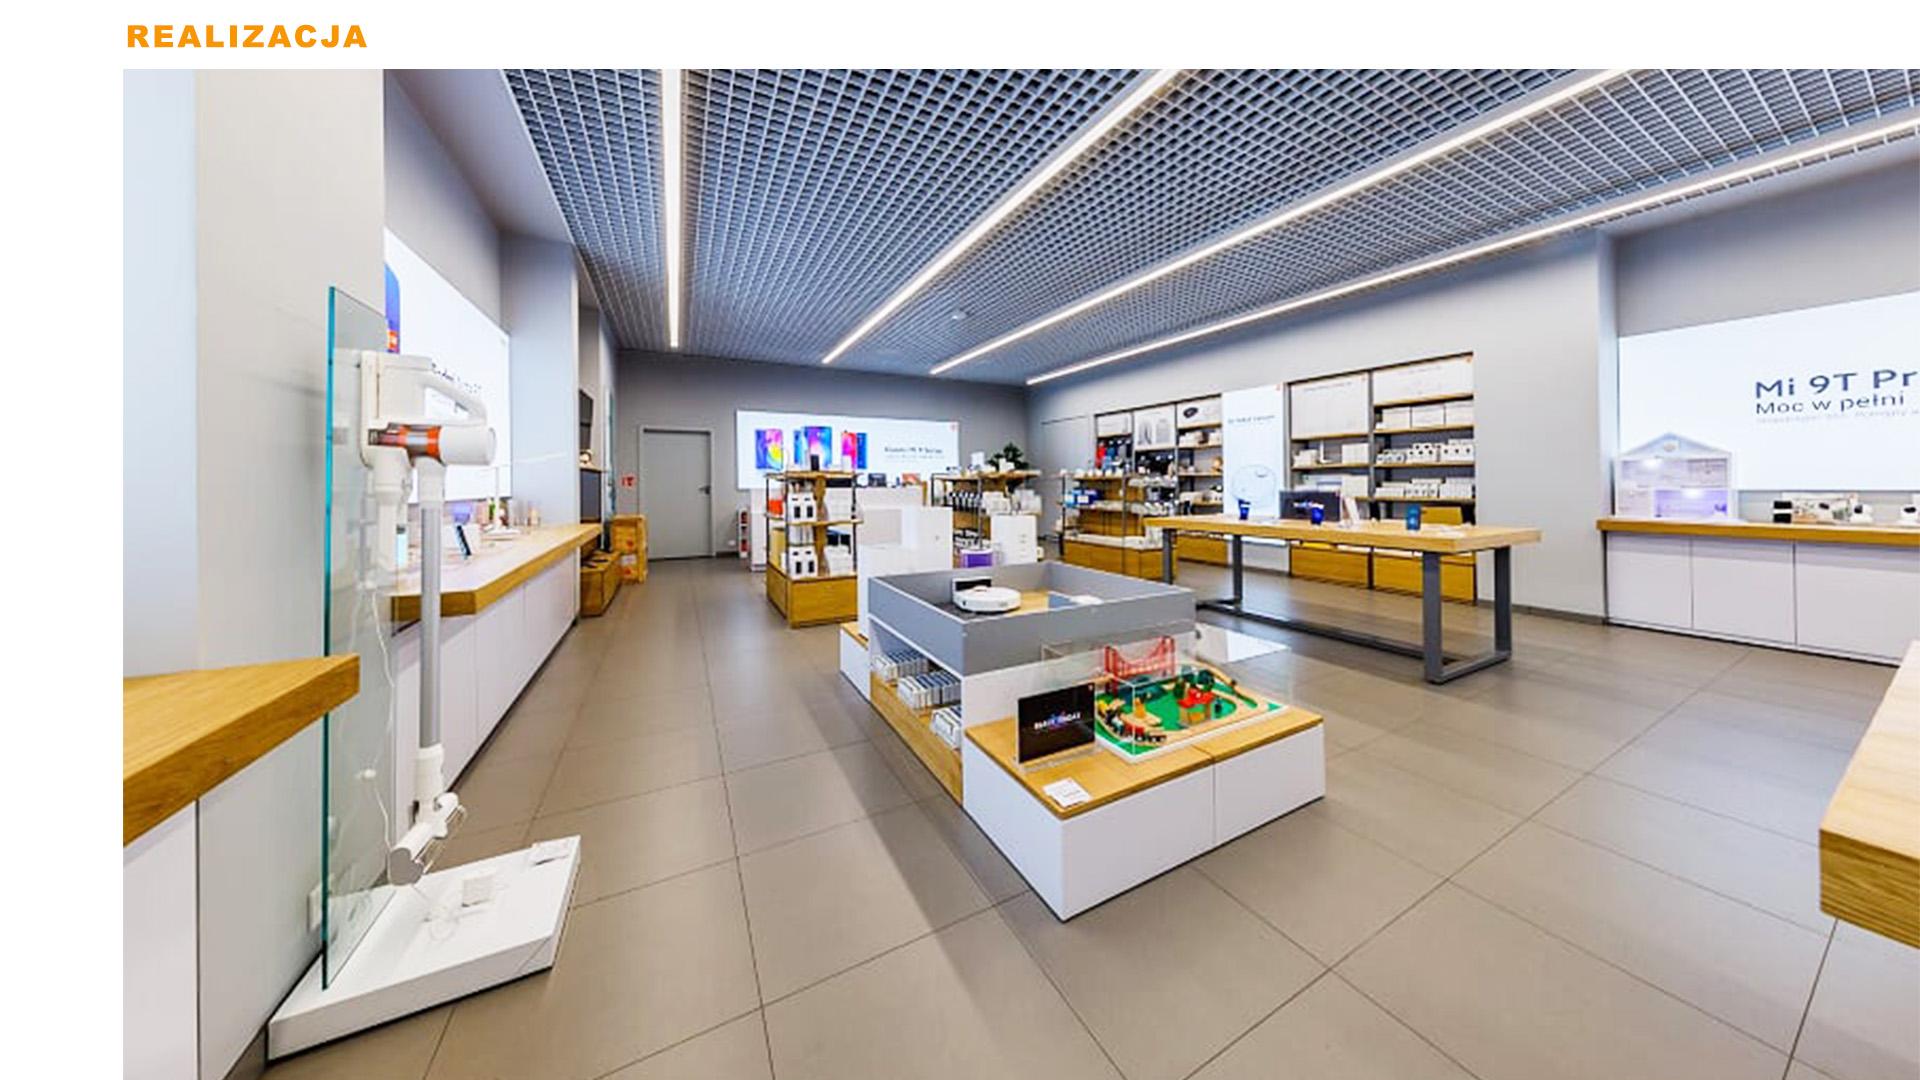 Mi-Store - Rzeszów - Galeria Rzeszów - realizacja